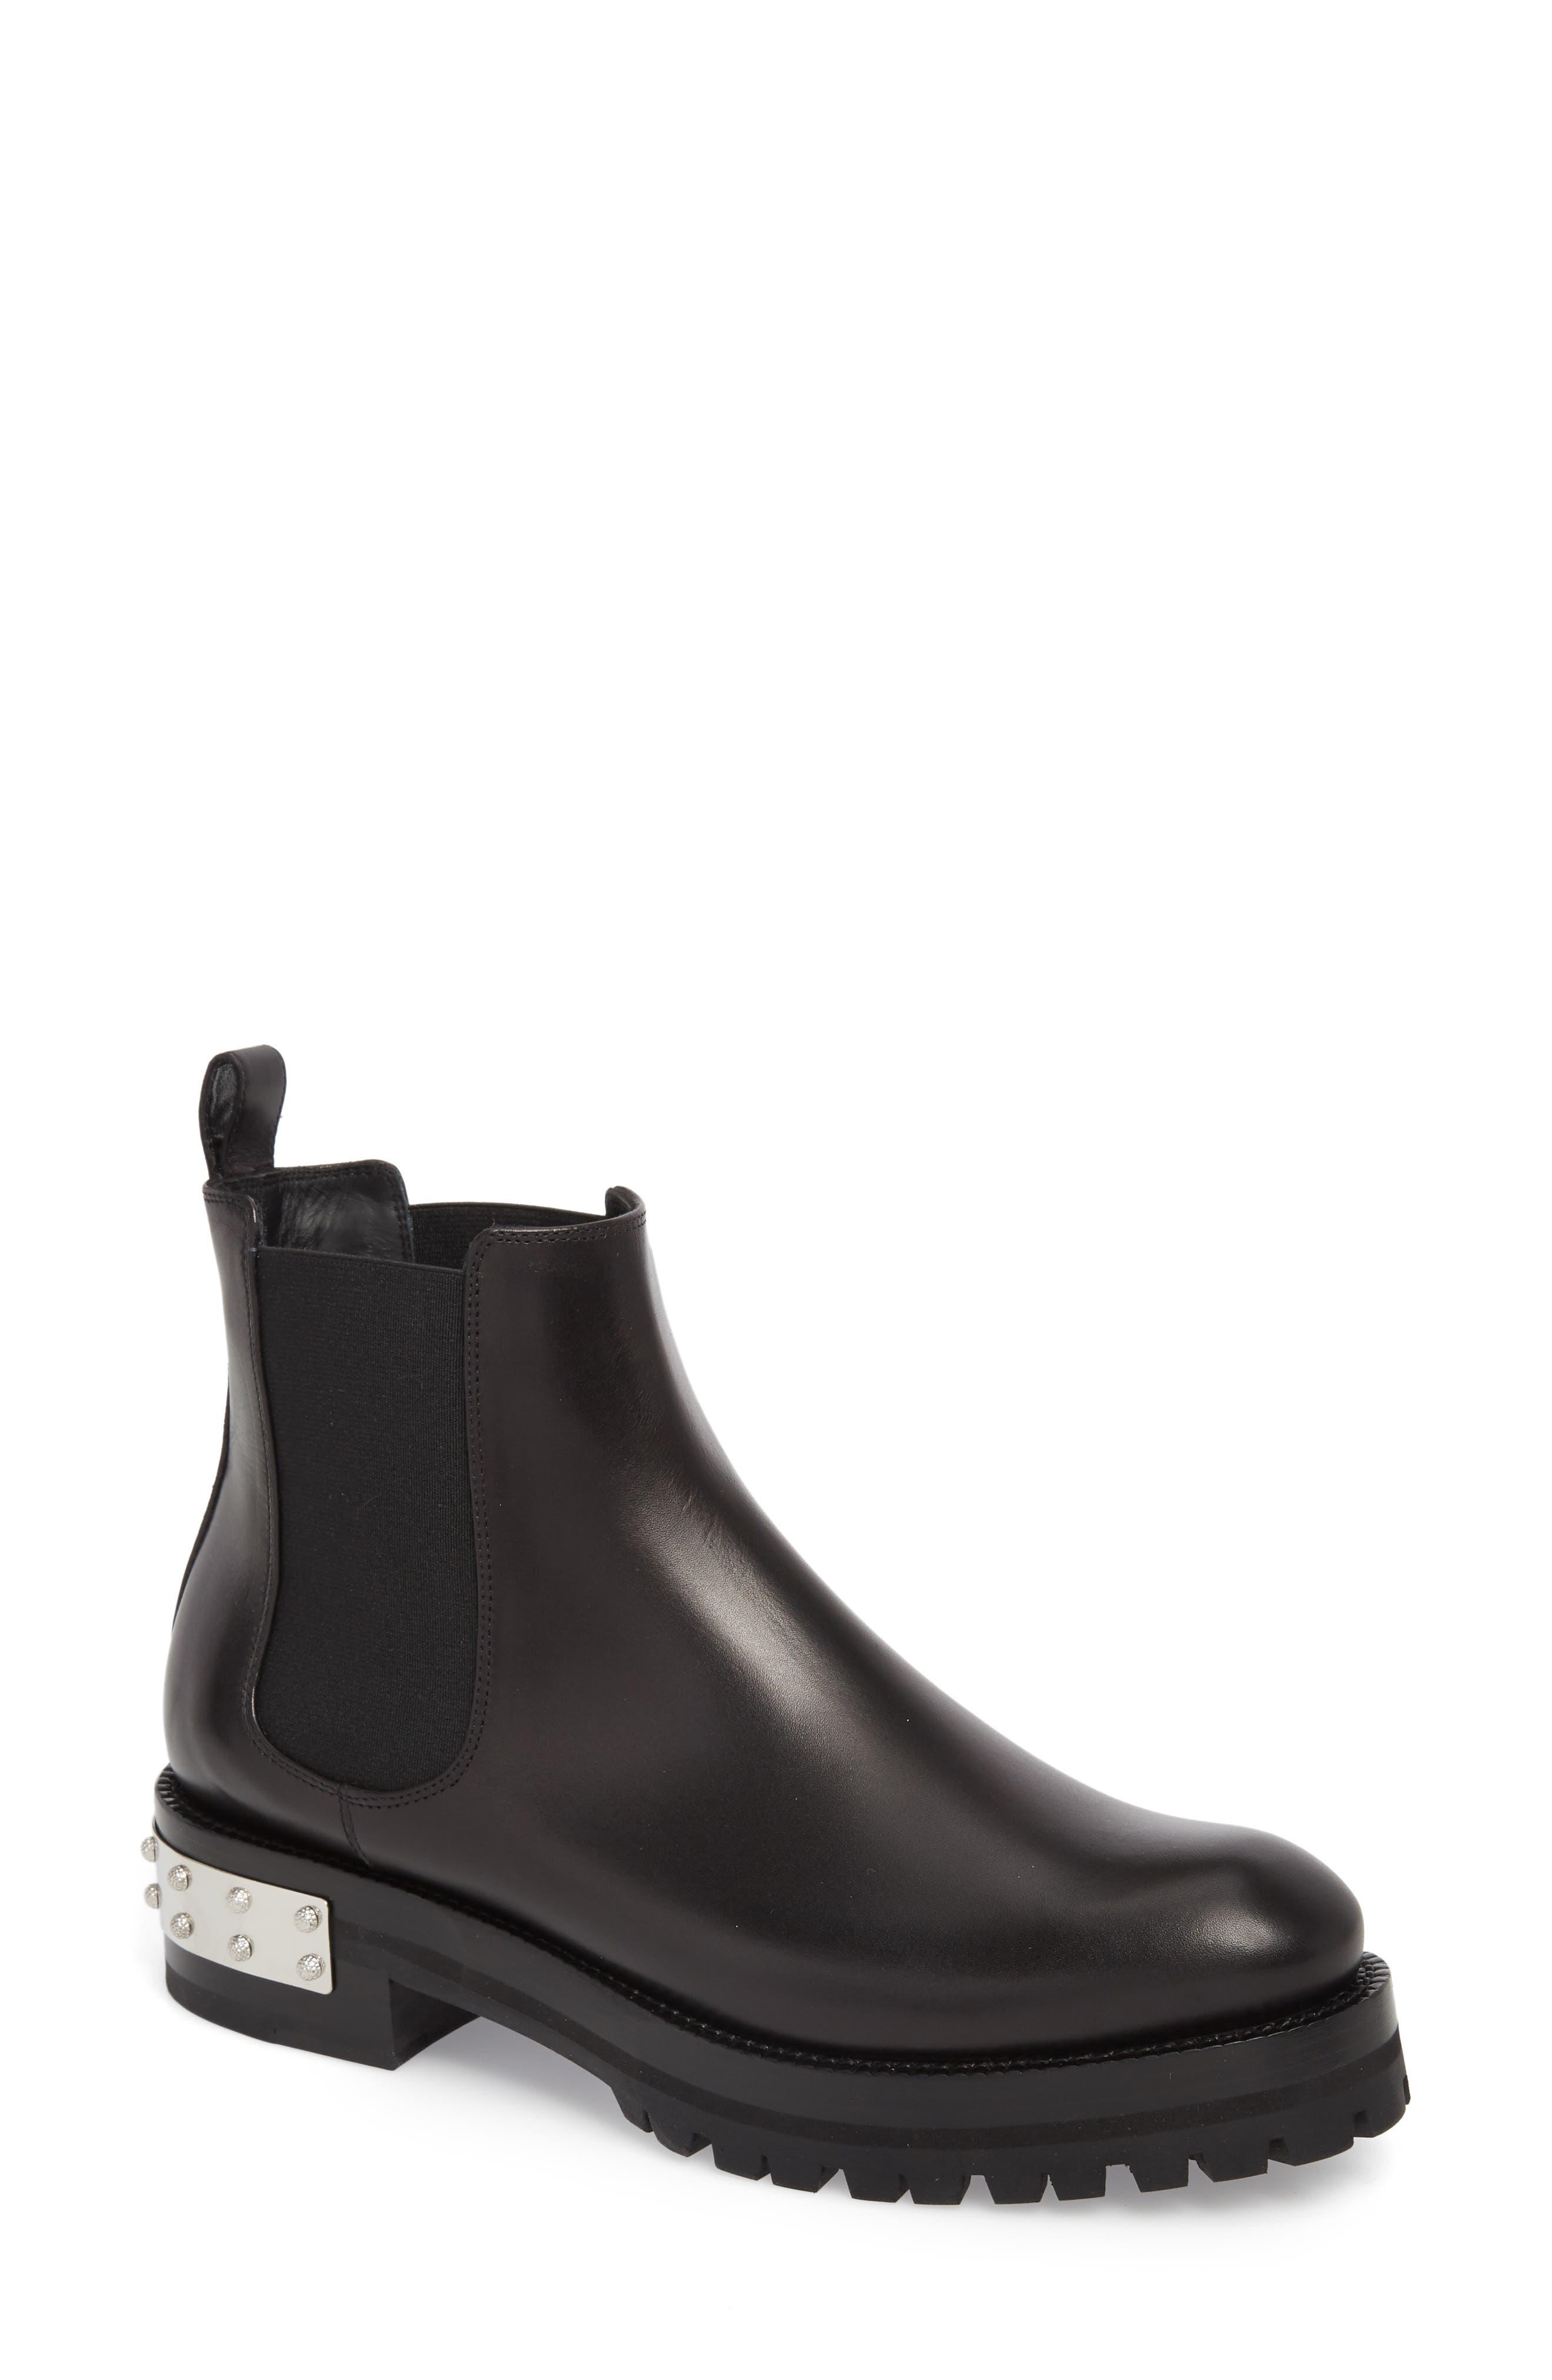 ALEXANDER MCQUEEN Metal Heel Slip-On Boot, Main, color, BLACK